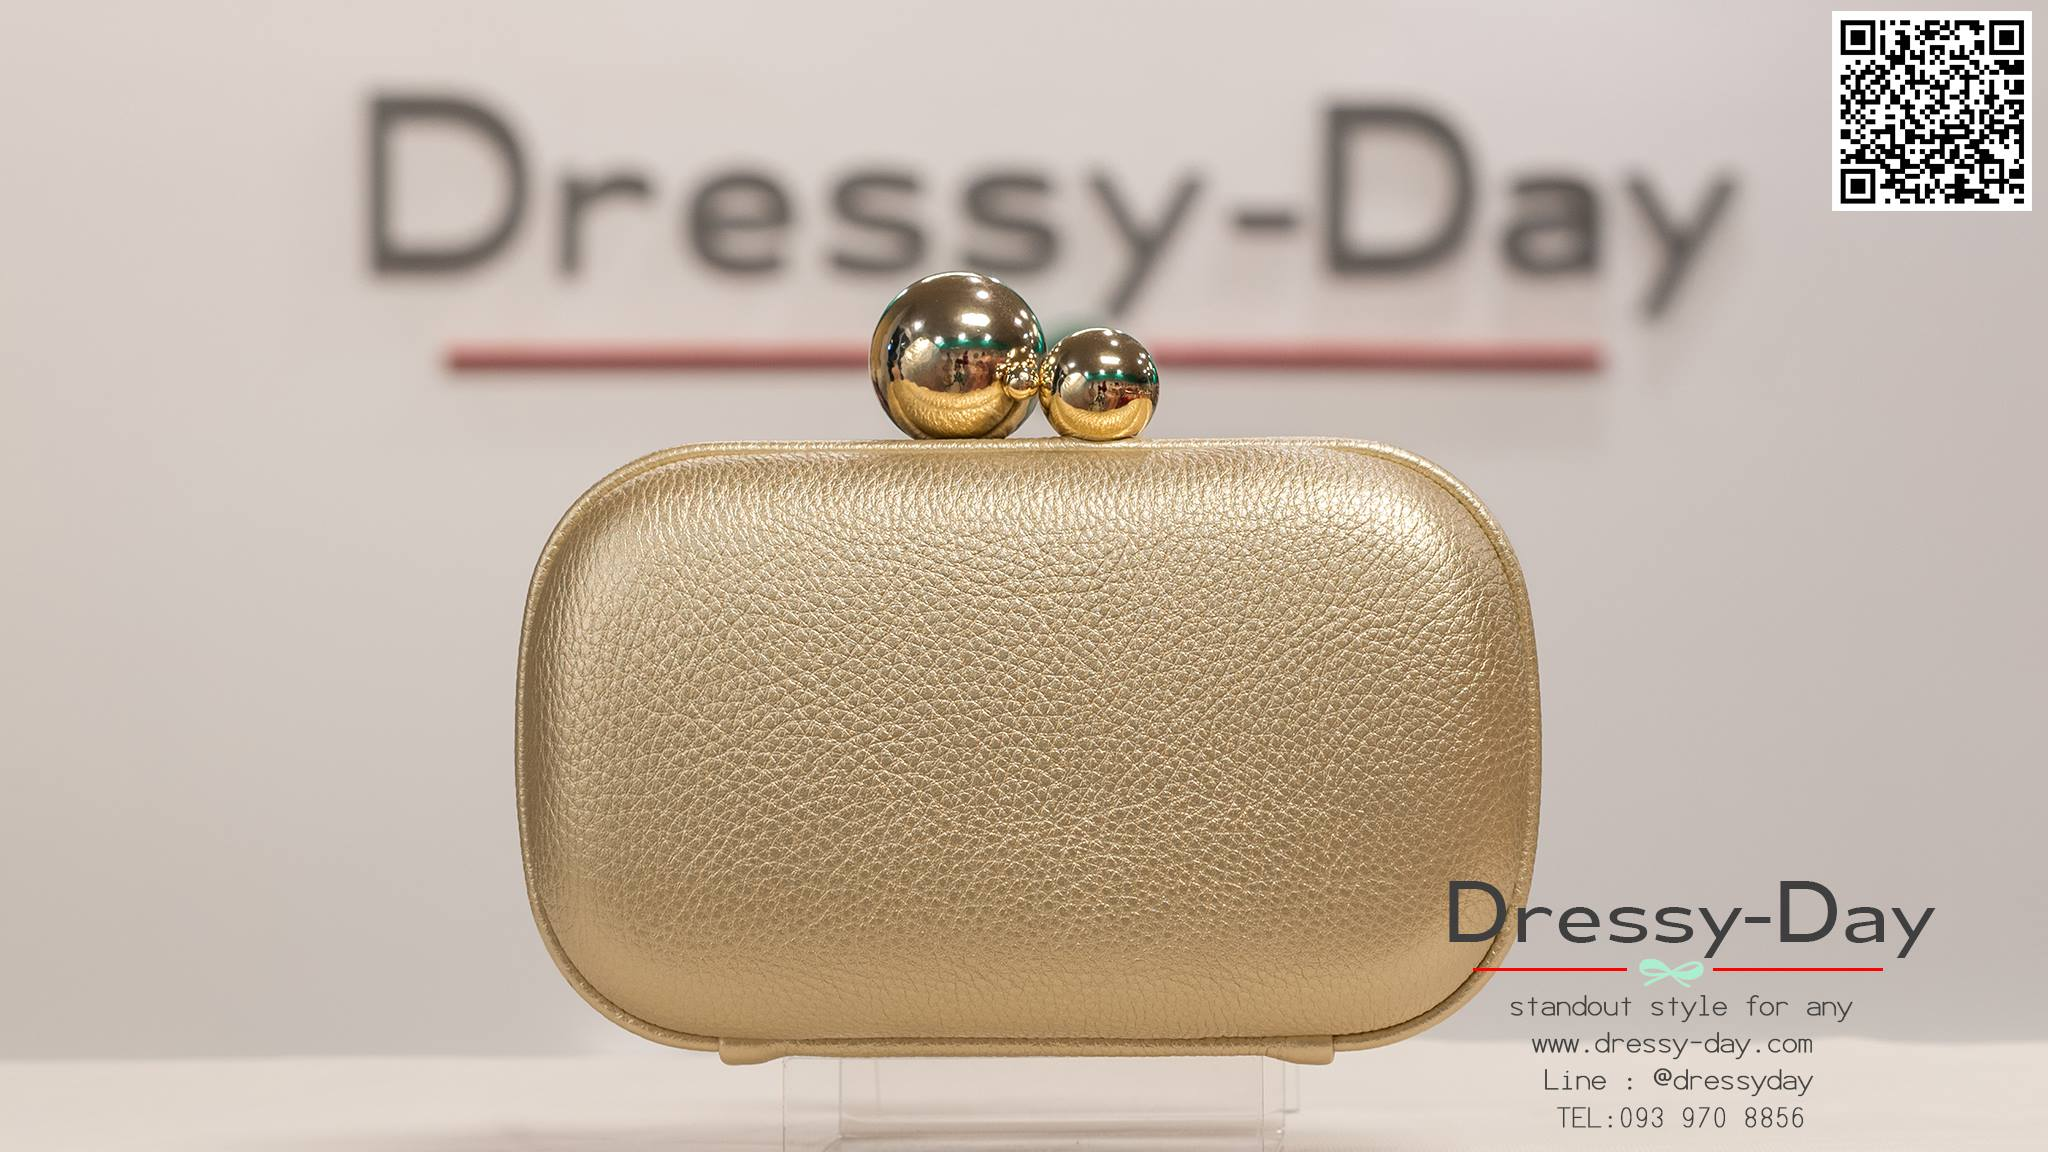 กระเป๋าออกงาน TE035 : กระเป๋าออกงาน พร้อมส่ง สีทอง สวยเก๋แบบไม่ซ้ำใคร ใช้สะพายออกงานเช้า กลางวัน หรือถือไปงานกลางคืน ออกเดท สวยหรูดูดีที่สุด